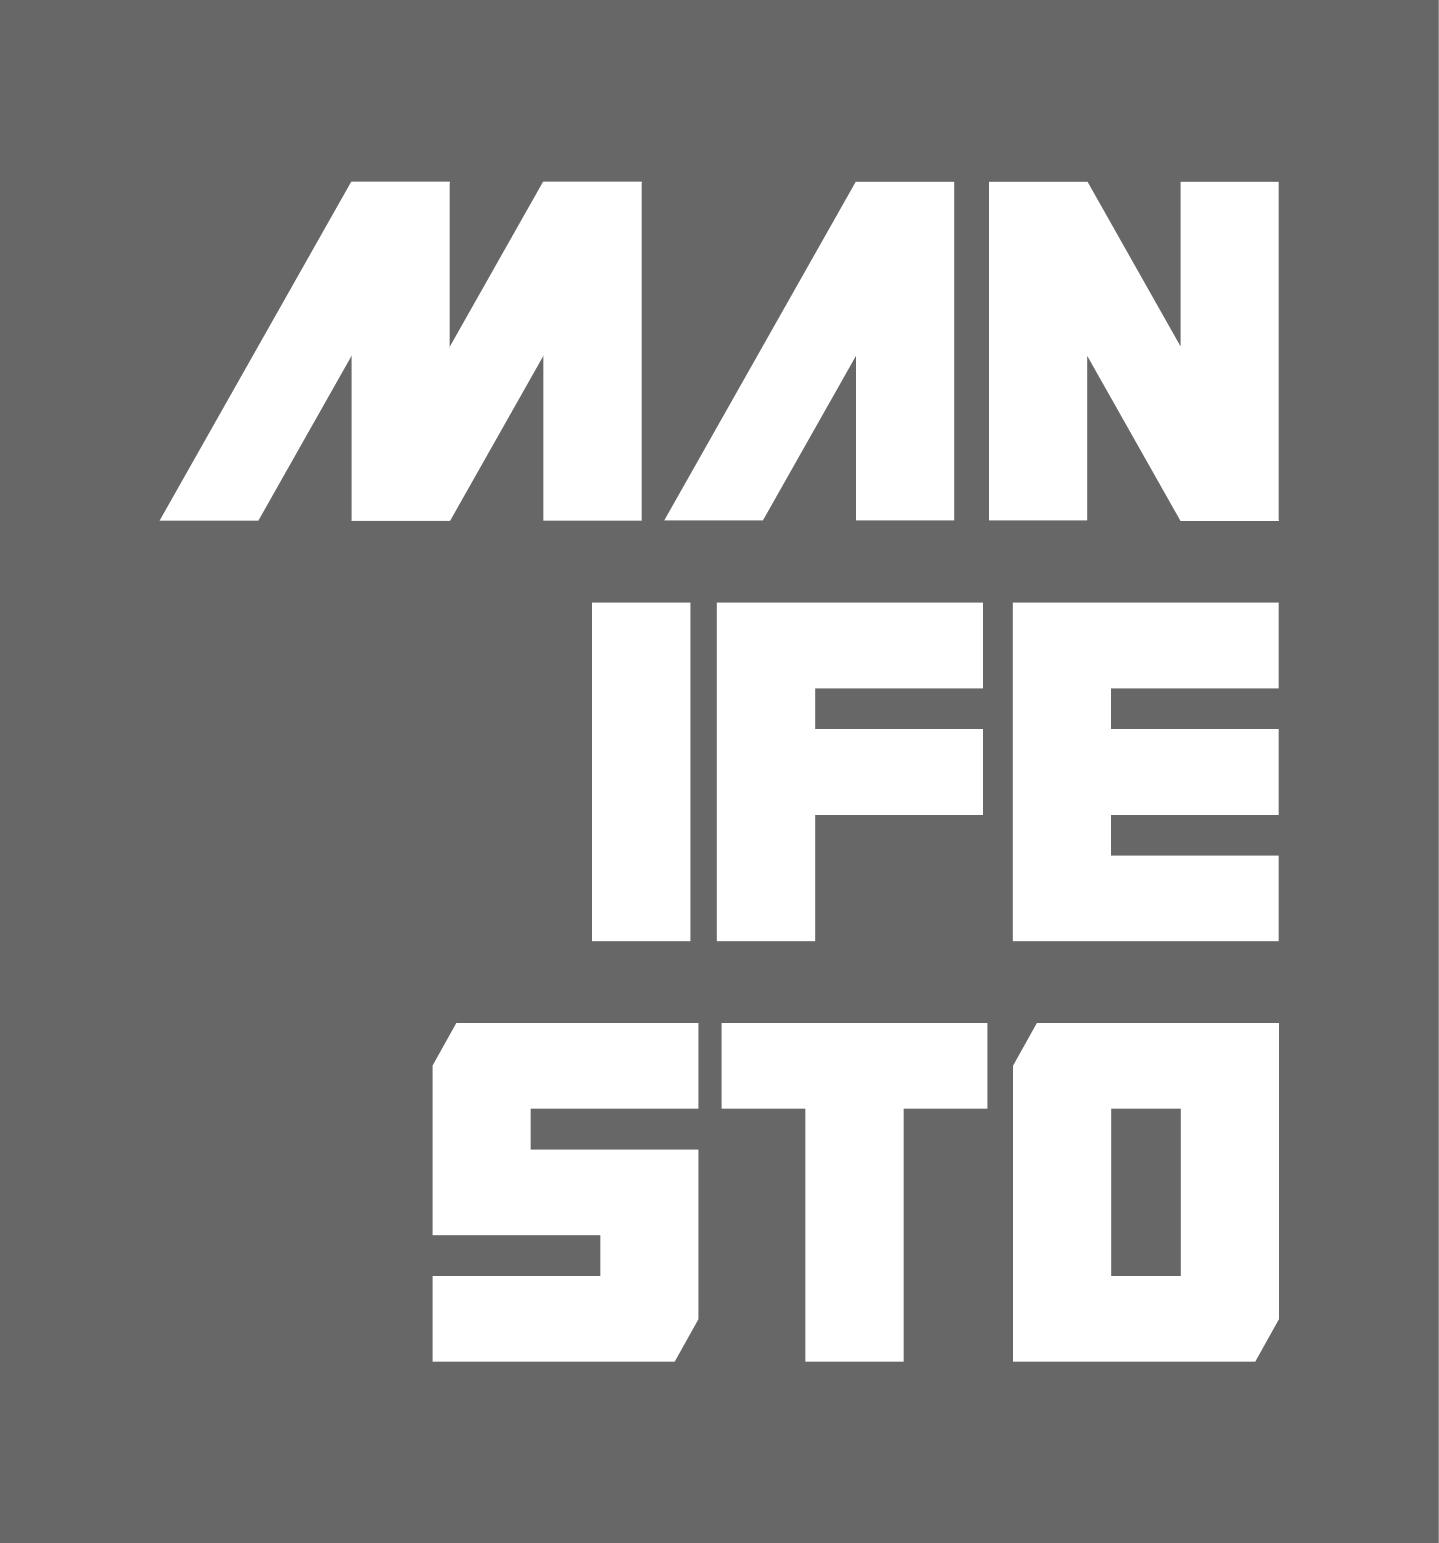 manifesto_stacked (3).jpg